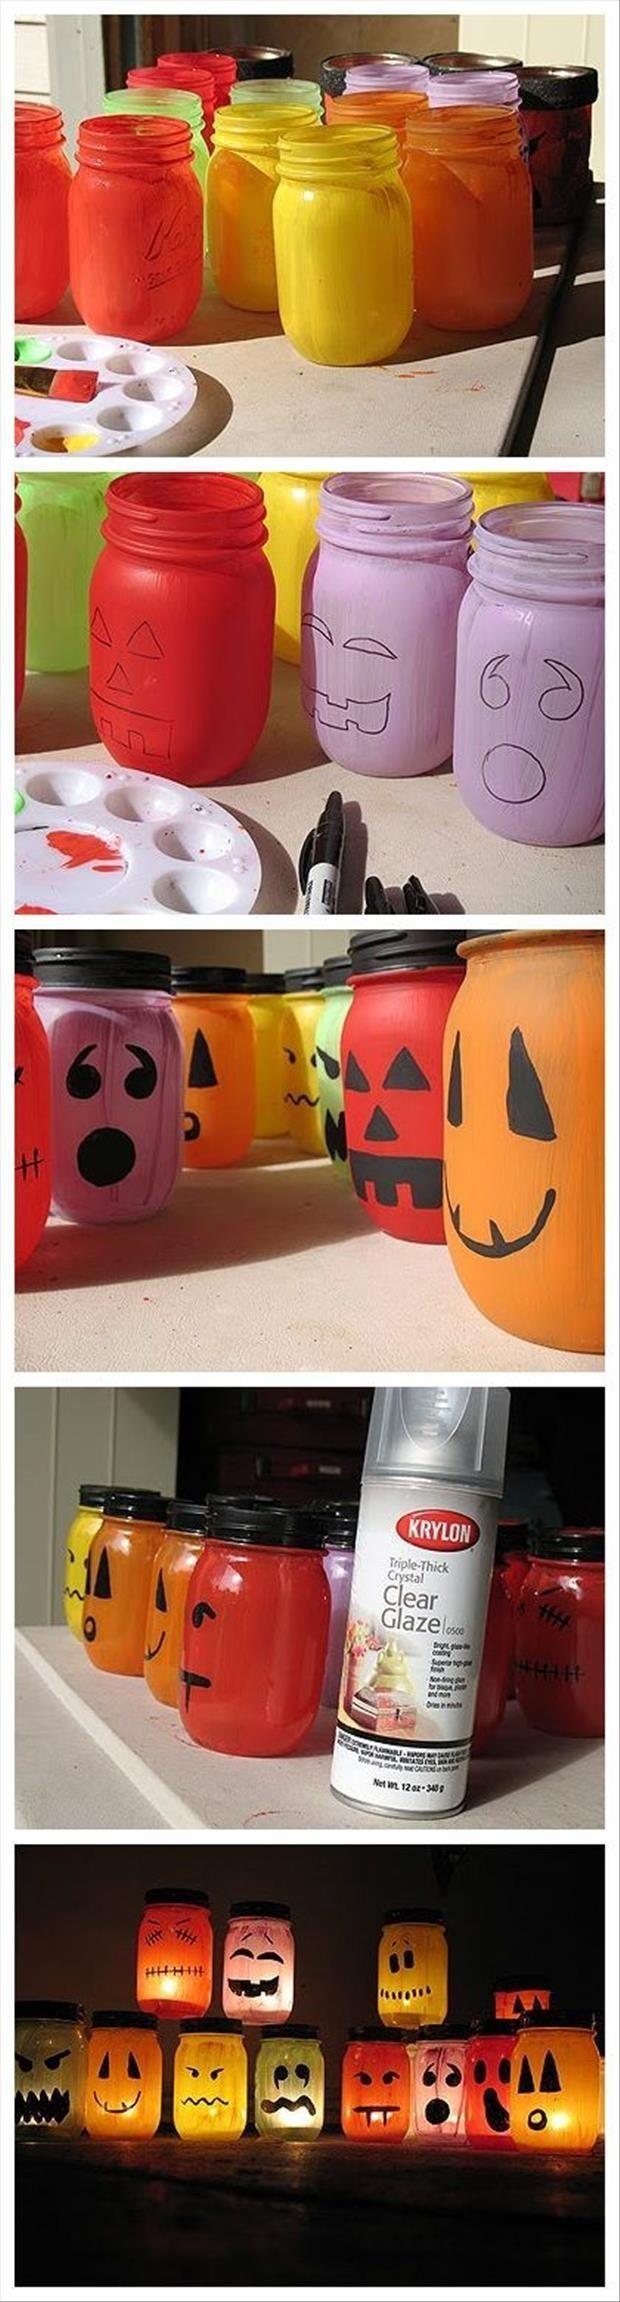 Lanternes de verre peintes à la mains... à faire avec les enfants!